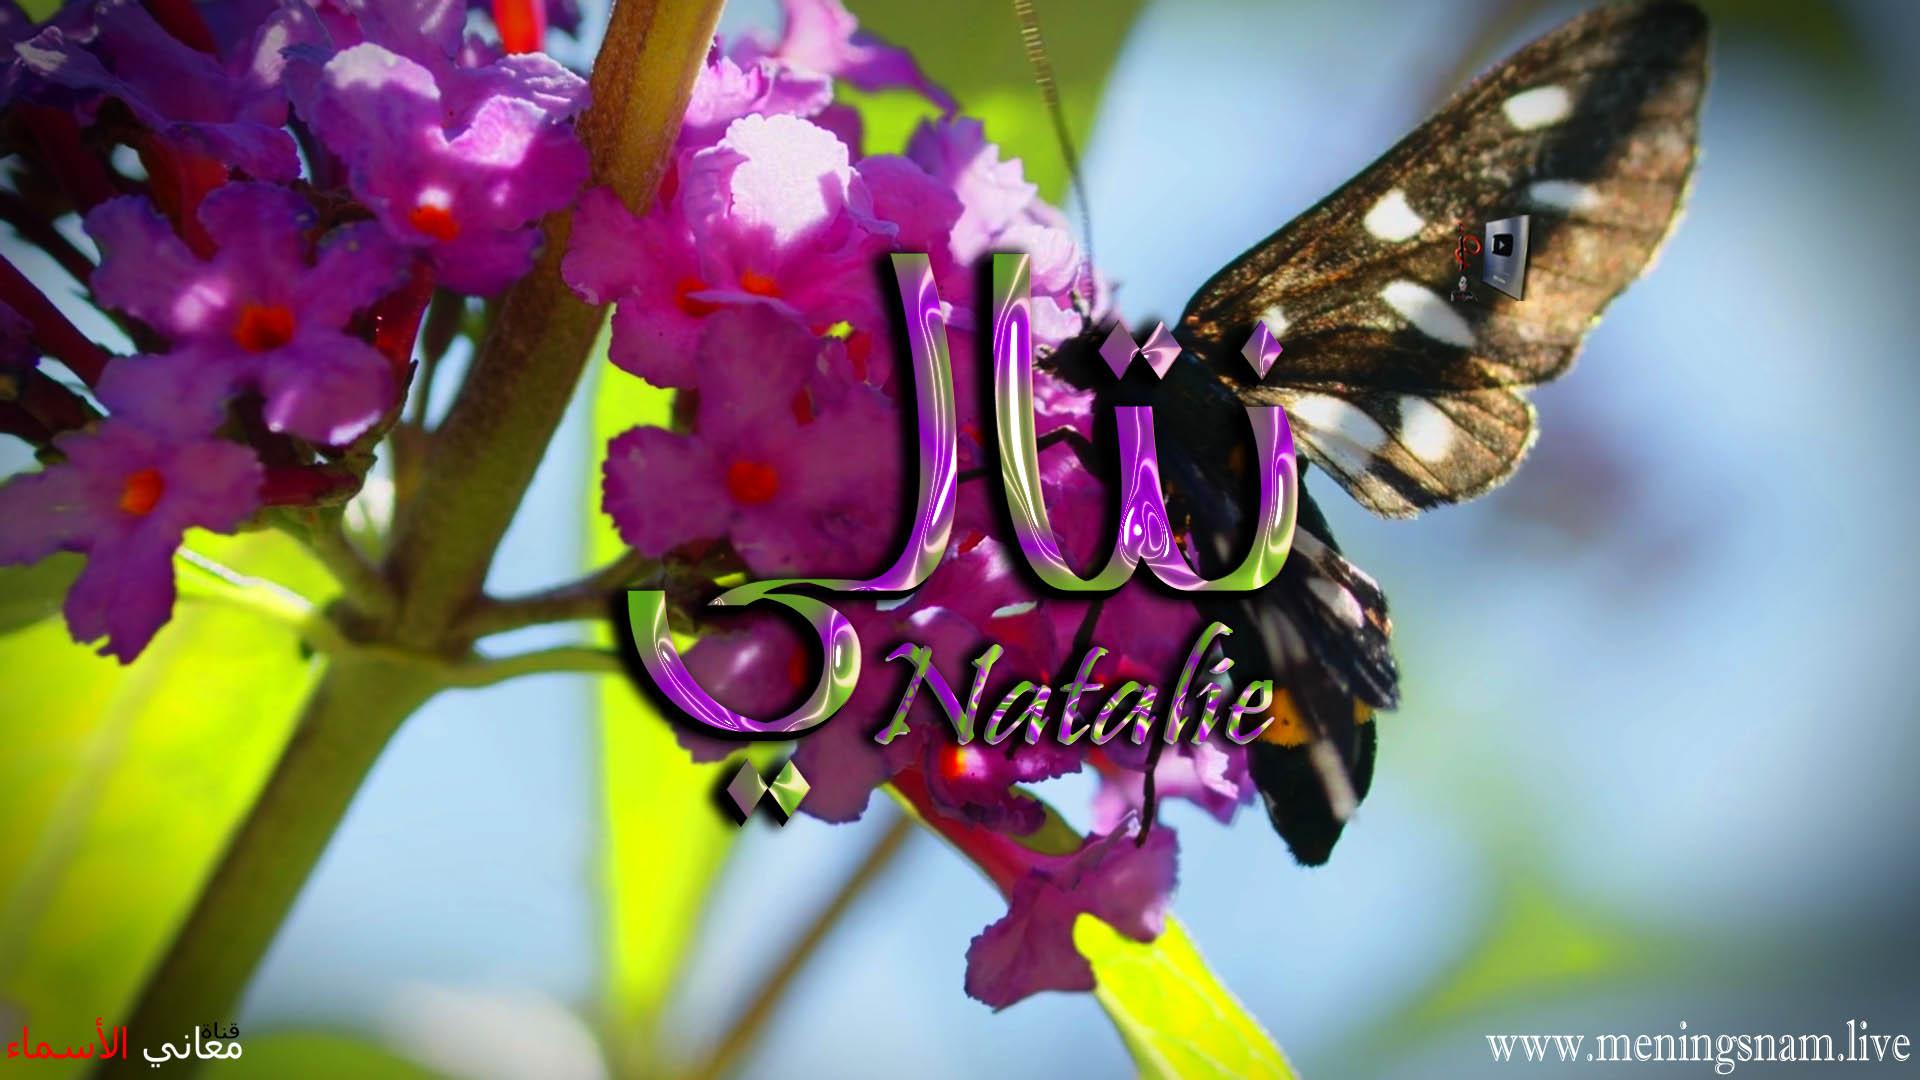 معنى اسم نتالي وصفات حاملة هذا الاسم Natalie